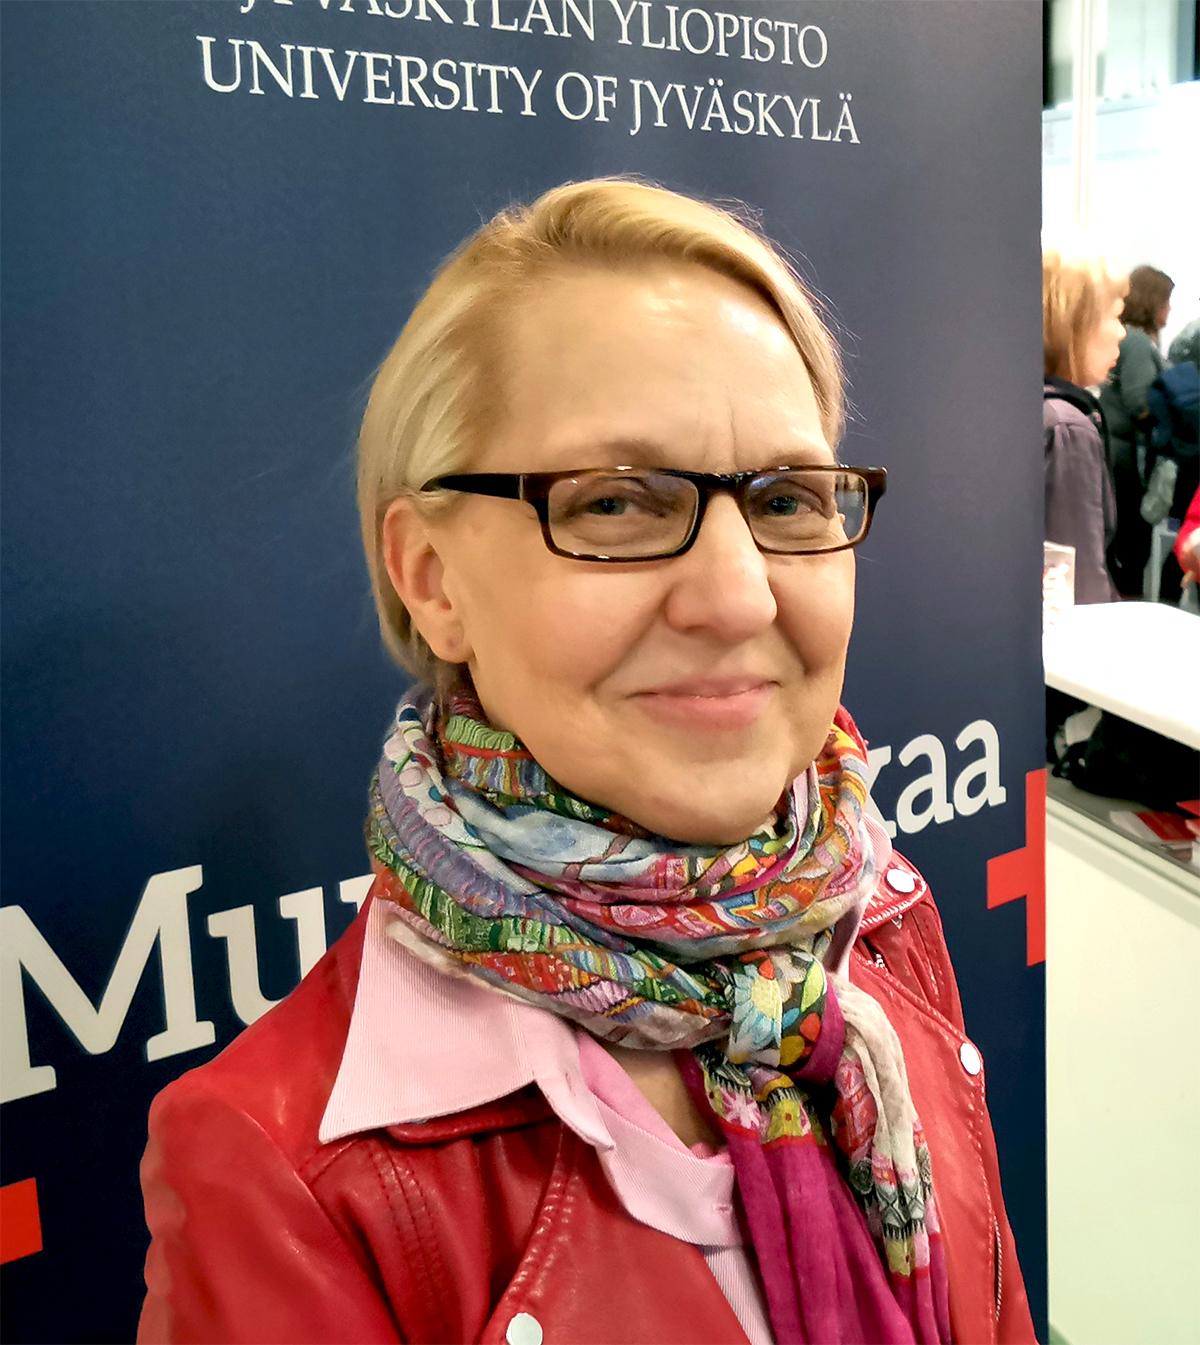 Kirsi Sauren_JYU avoin yliopisto.jpg